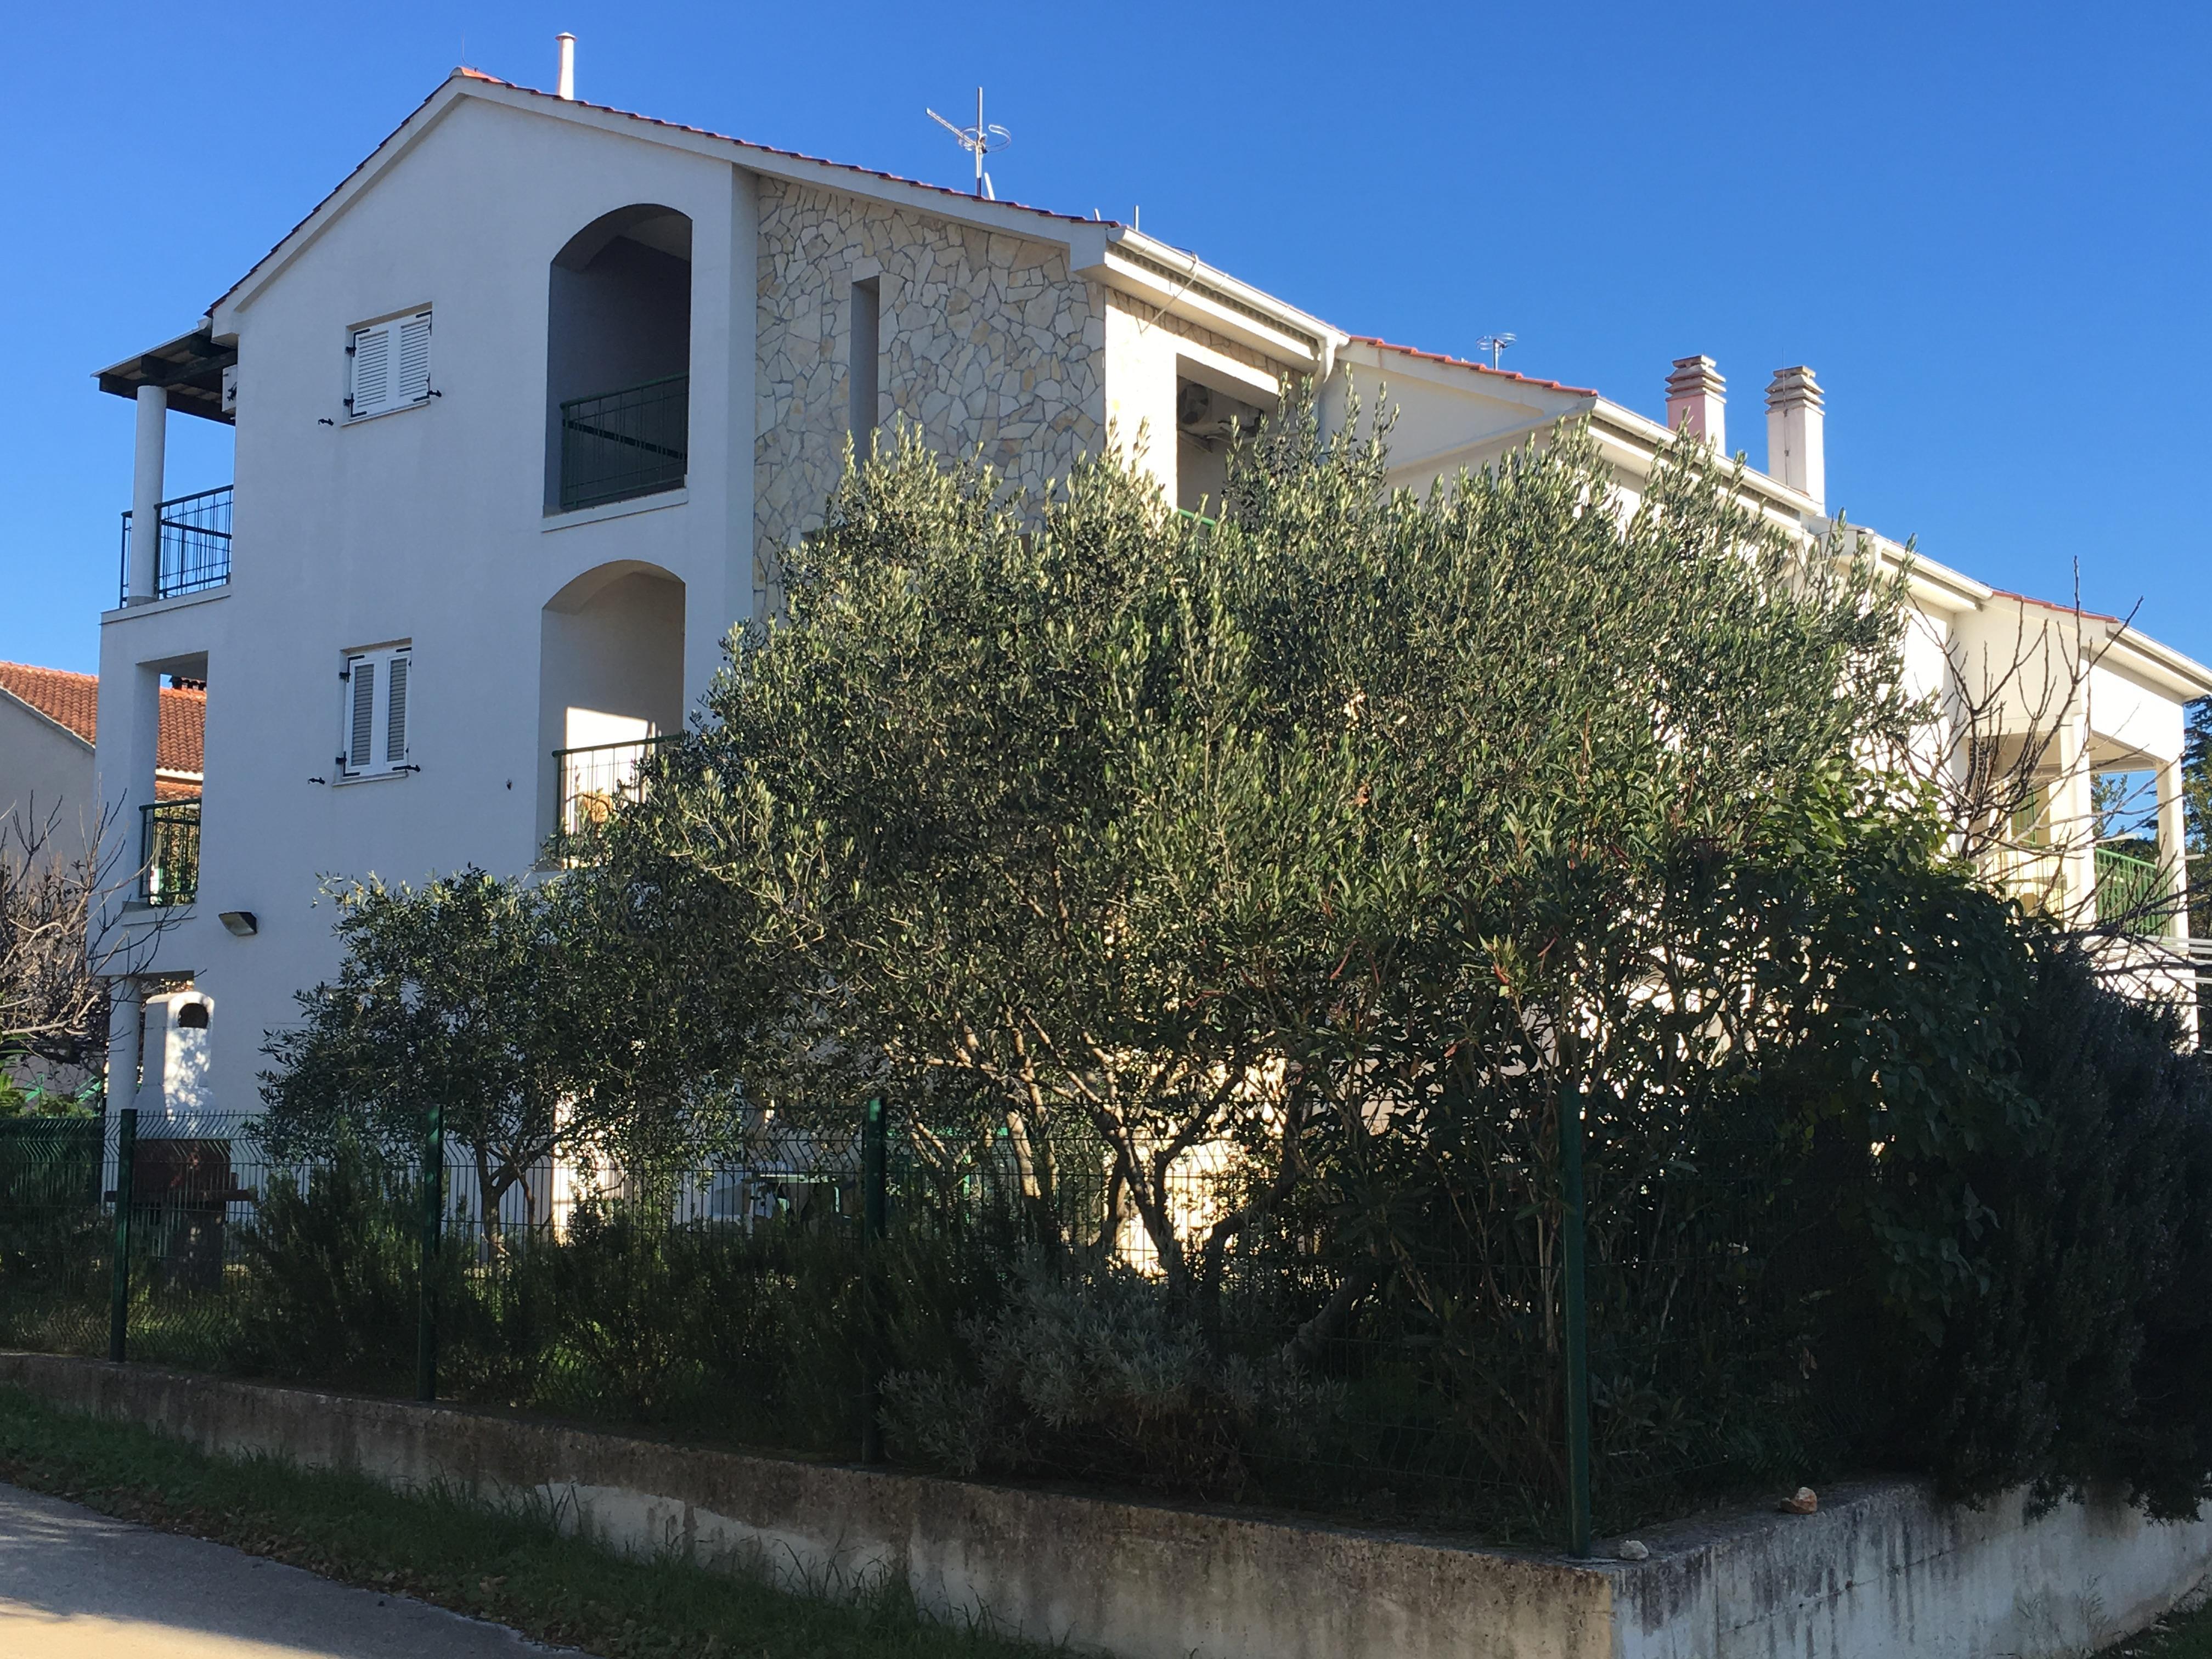 3 izbový apartmán pri mori v Chorvátsku, Biogradská riviera Turanj, 100m2 + garaž, 70m od mora-3